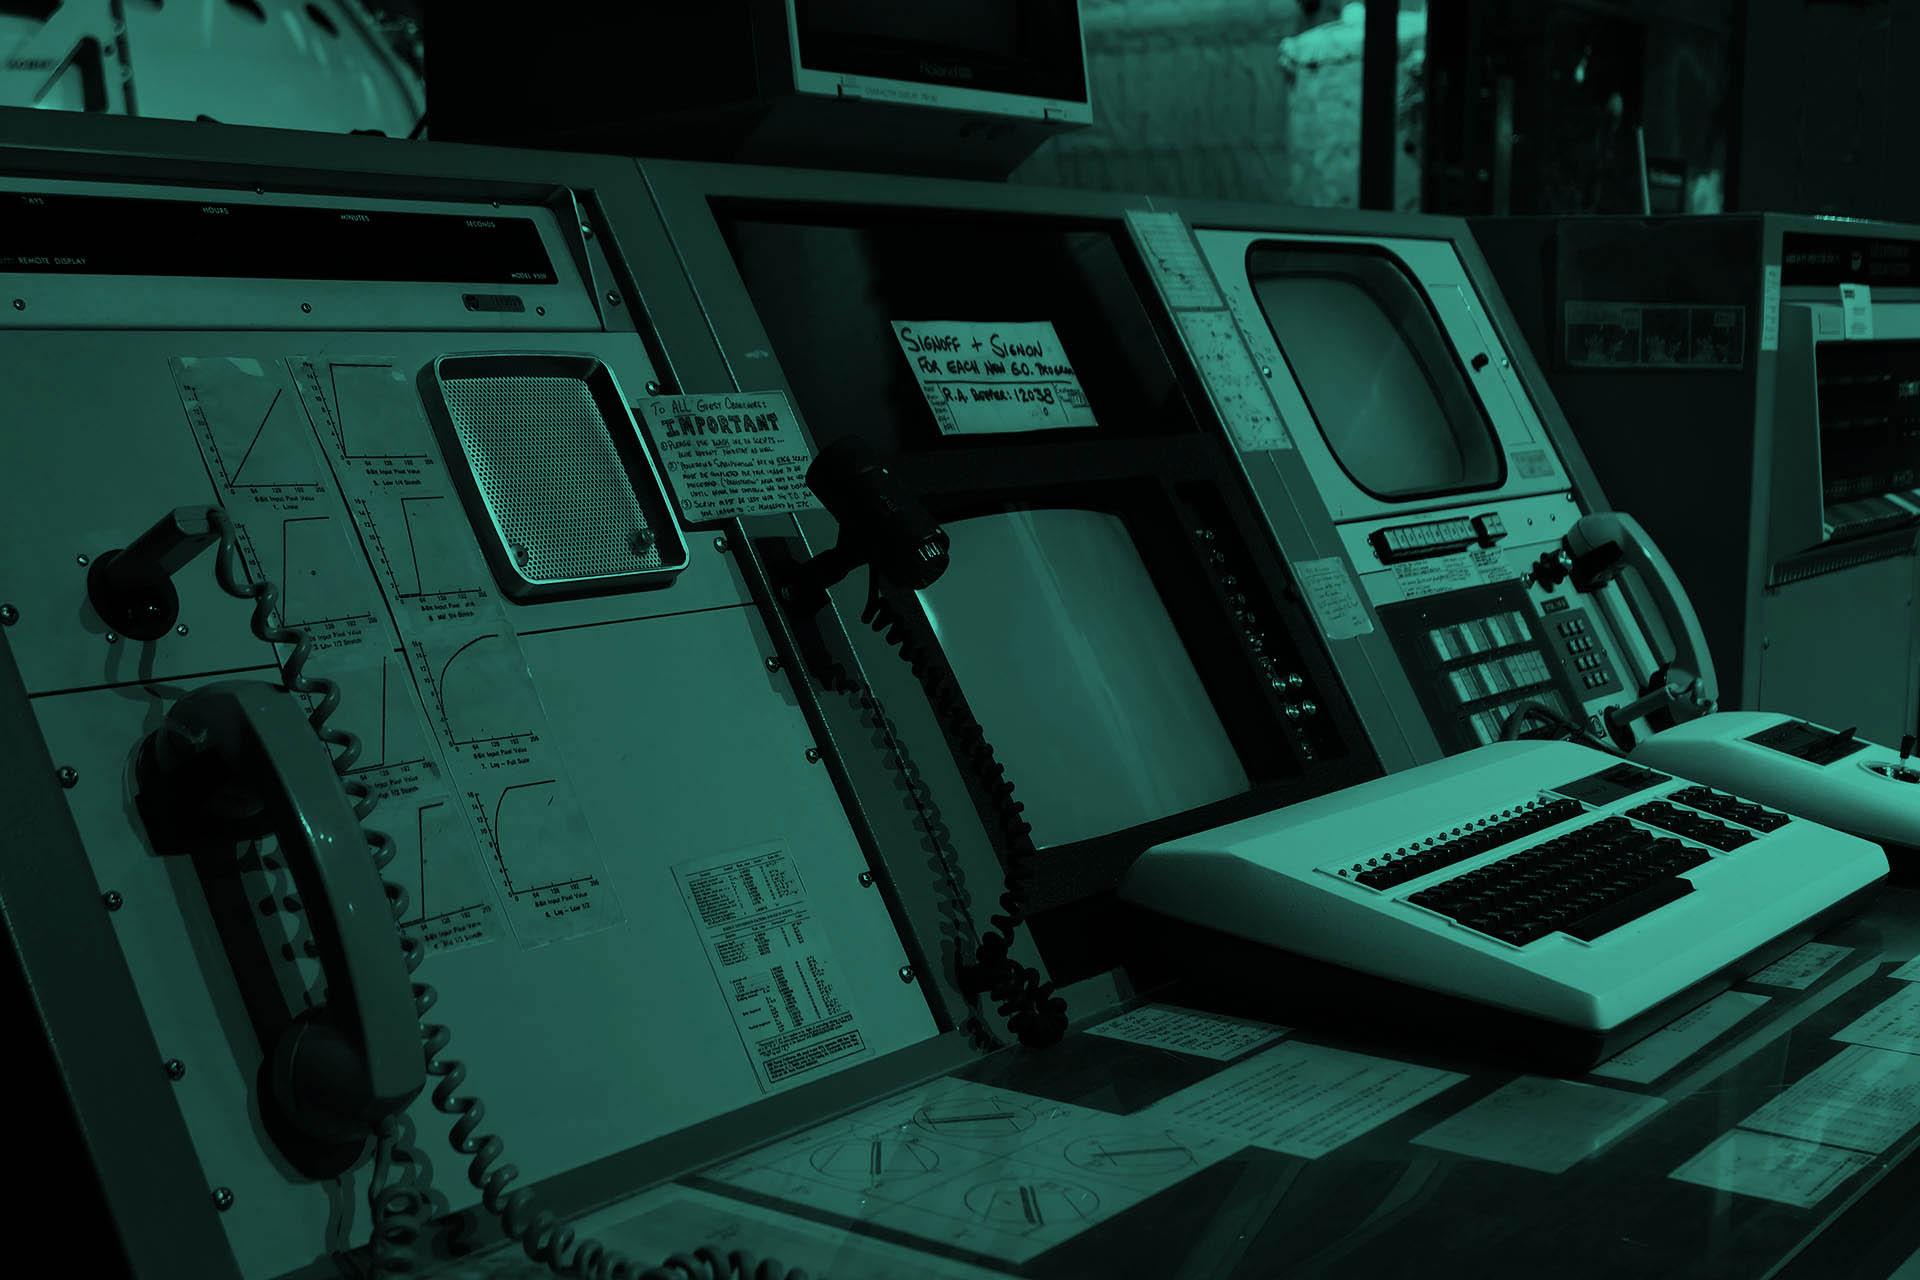 Eine ziemlich alte Kommandozentrale mit verschiedenen Bildschirmen und einem Oldschool-Telefon.